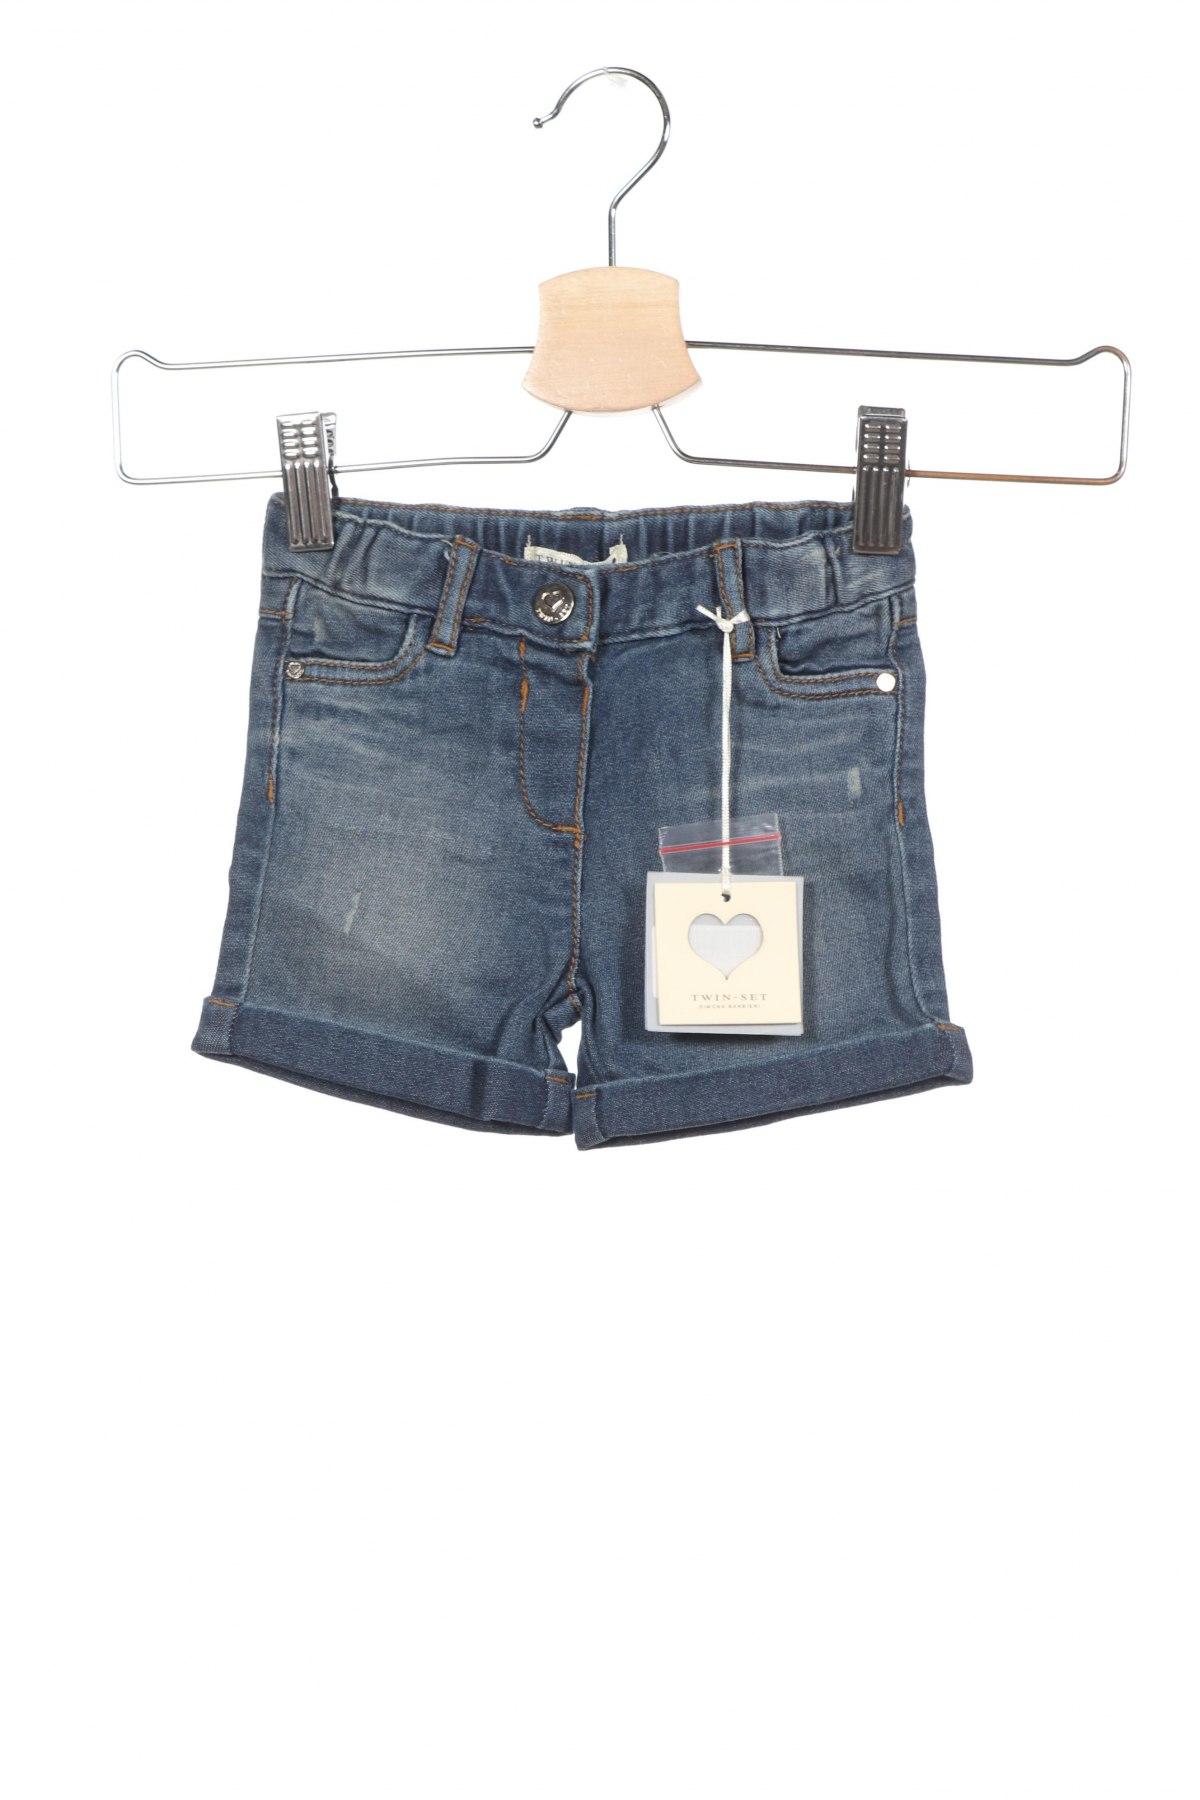 Παιδικό κοντό παντελόνι TWINSET, Μέγεθος 3-6m/ 62-68 εκ., Χρώμα Μπλέ, 85% βαμβάκι, 13% πολυεστέρας, 2% ελαστάνη, Τιμή 25,52€